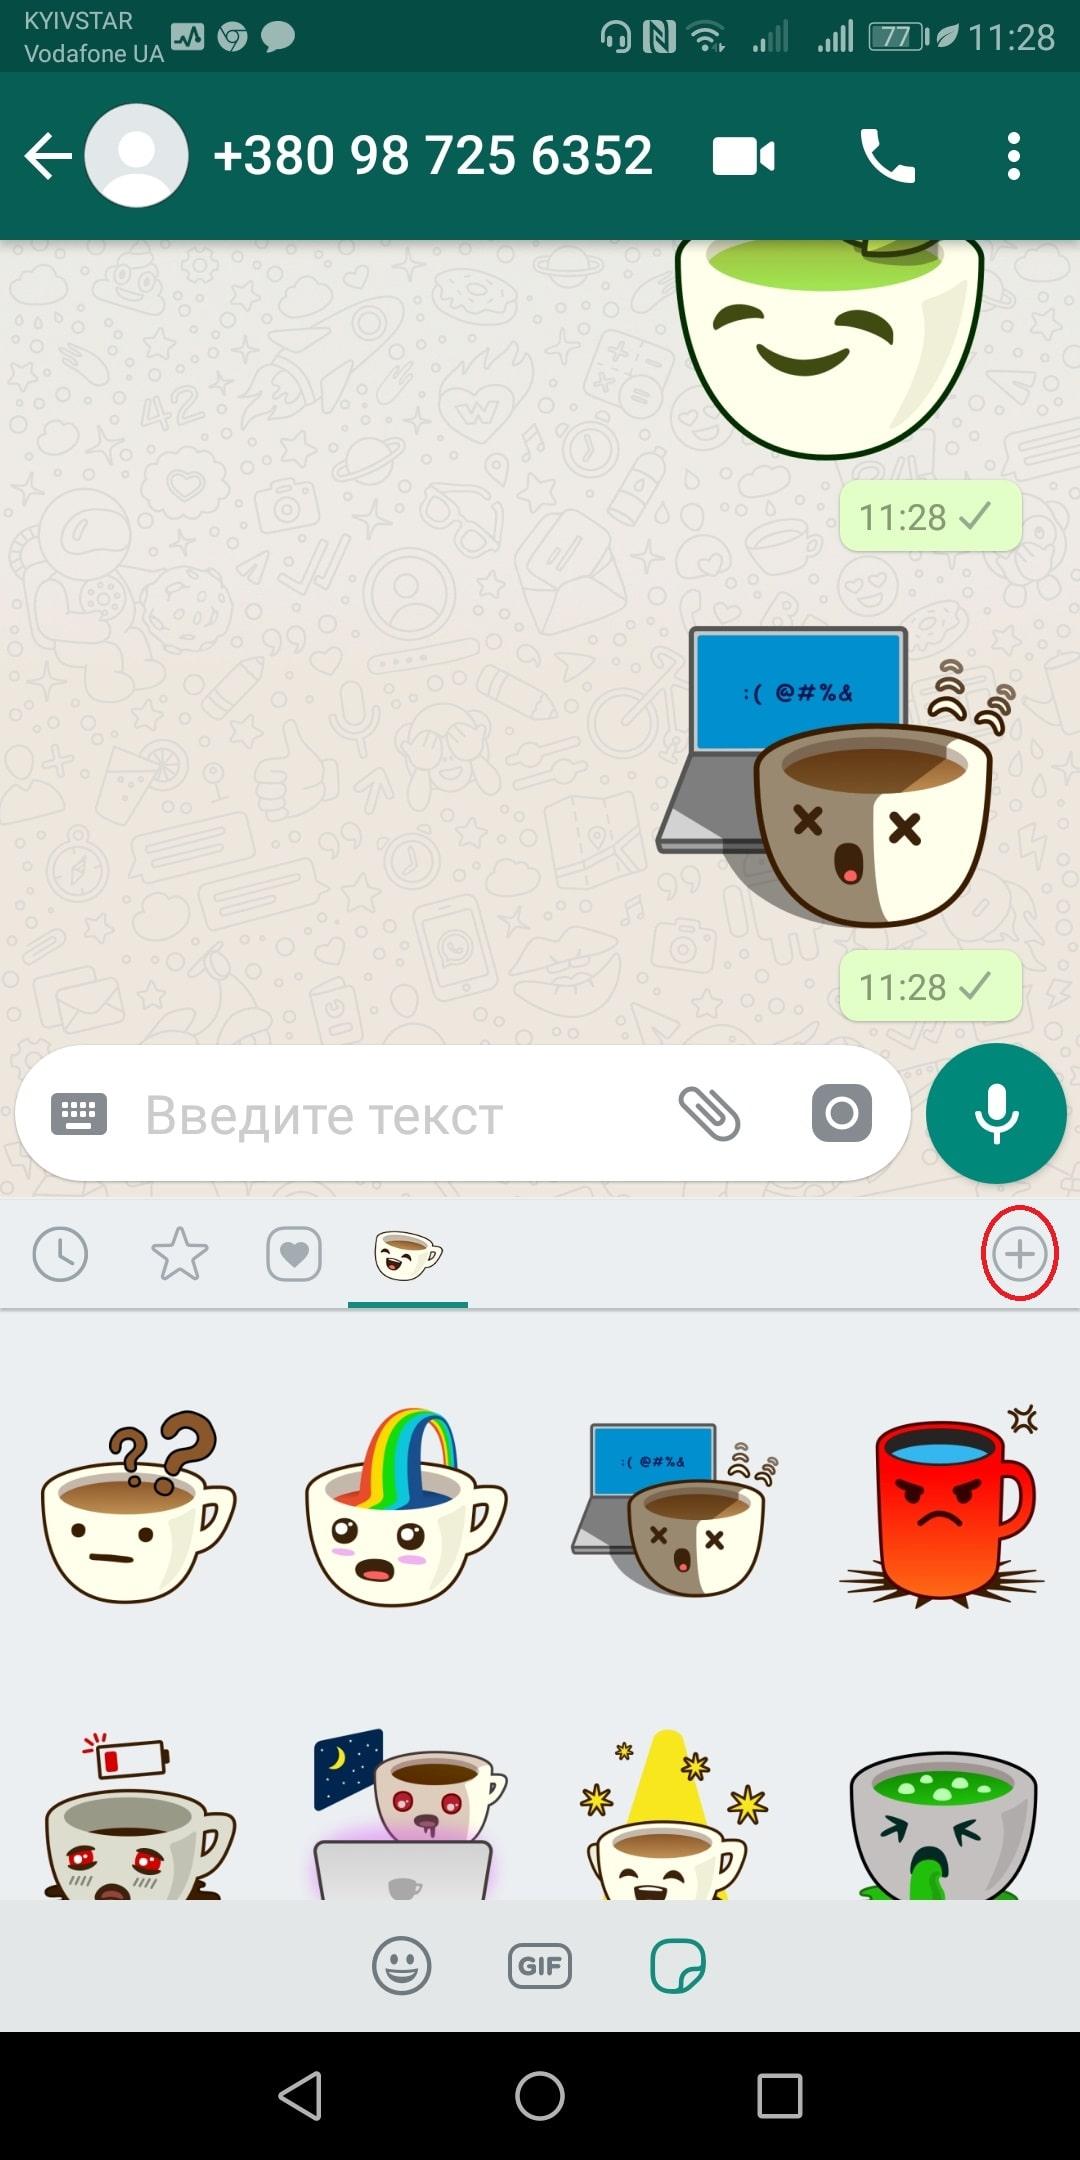 Image 2 Fitur Baru WhatsApp: 7 Hal yang Perlu Anda Ketahui tentang Stiker WhatsApp